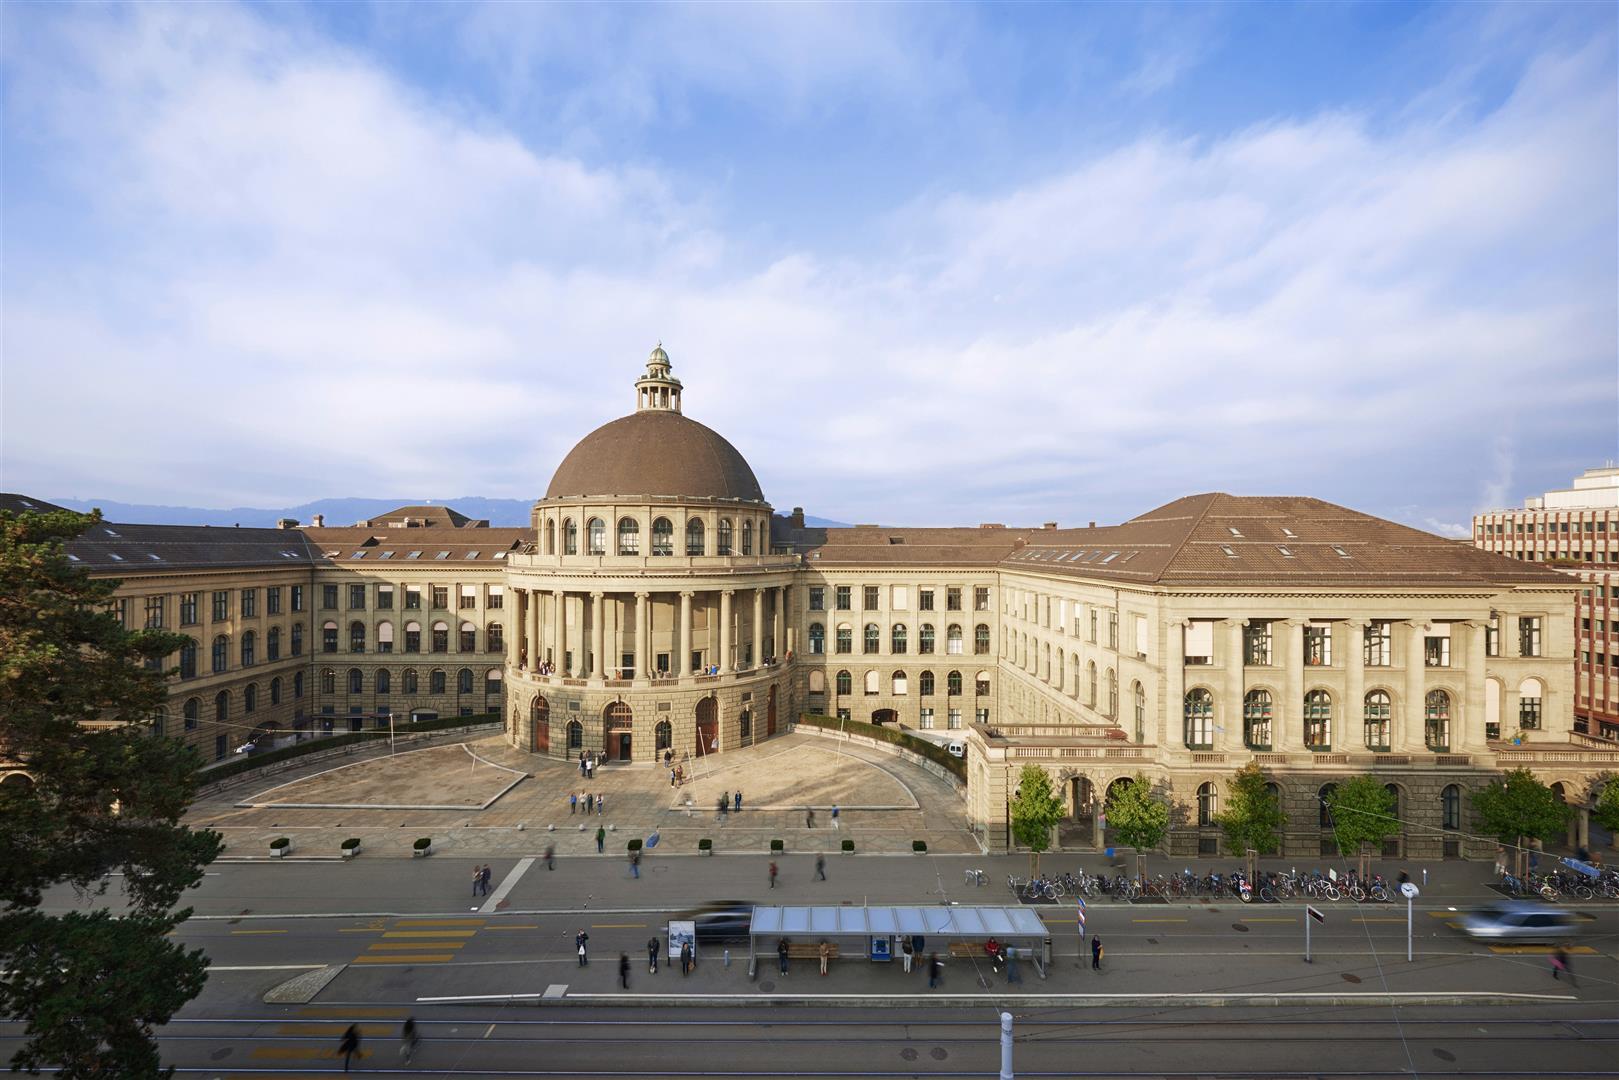 ETH Zürich, Zentrum, Hauptgebäude HG, Haupteingang, Rämistrasse